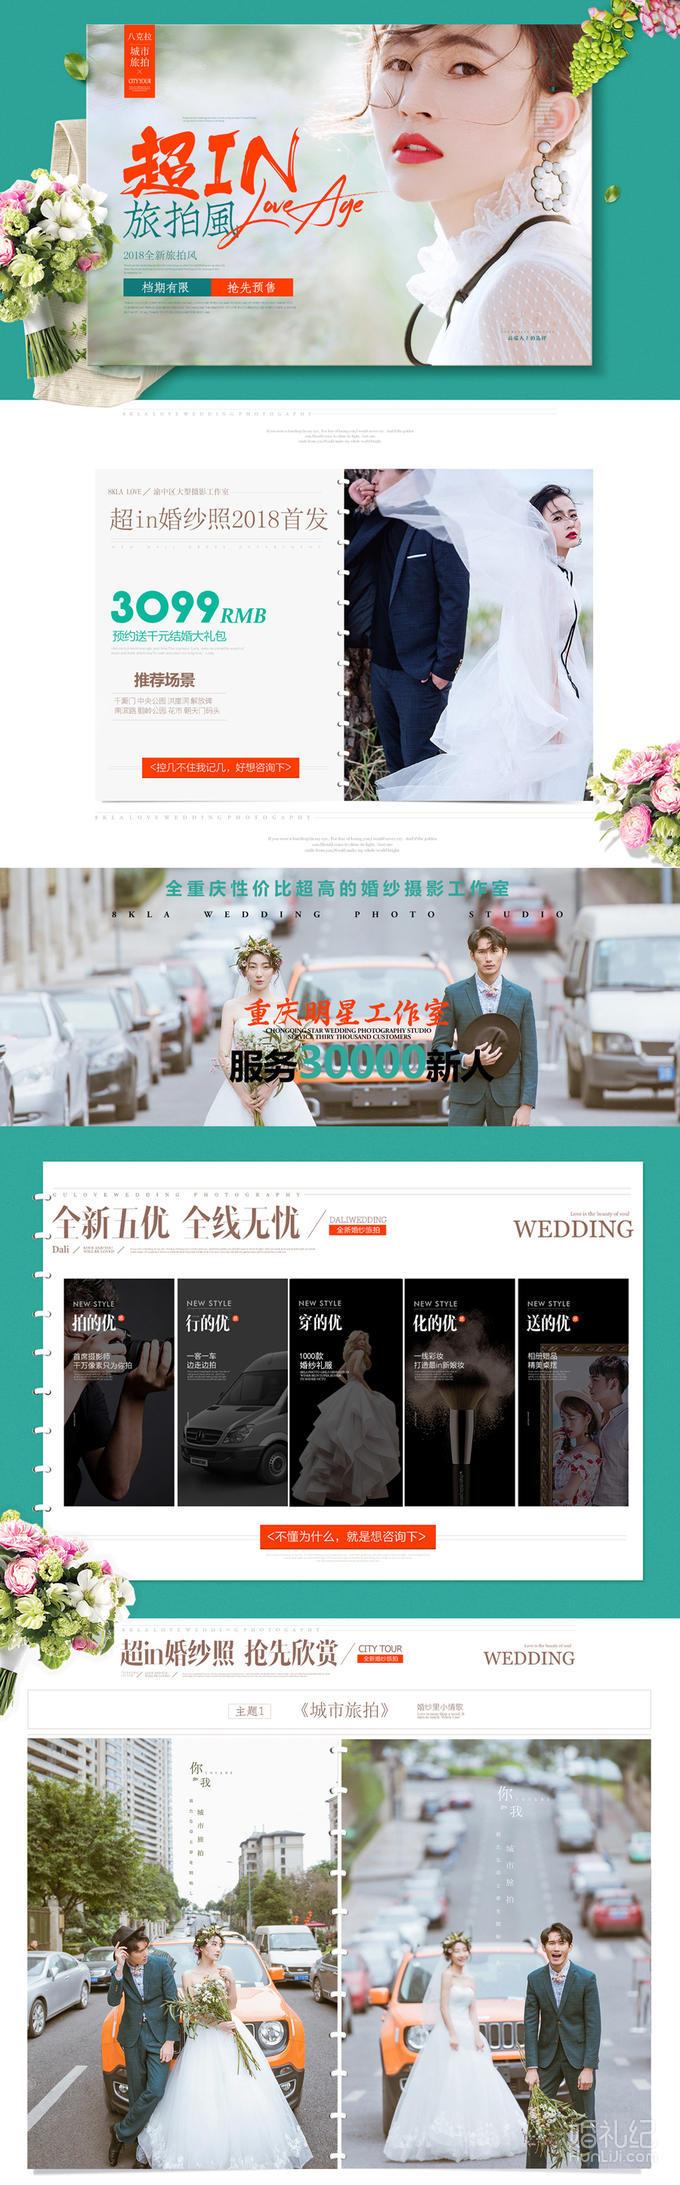 【三万新人的选择】新年特价婚纱照.送婚纱免租权